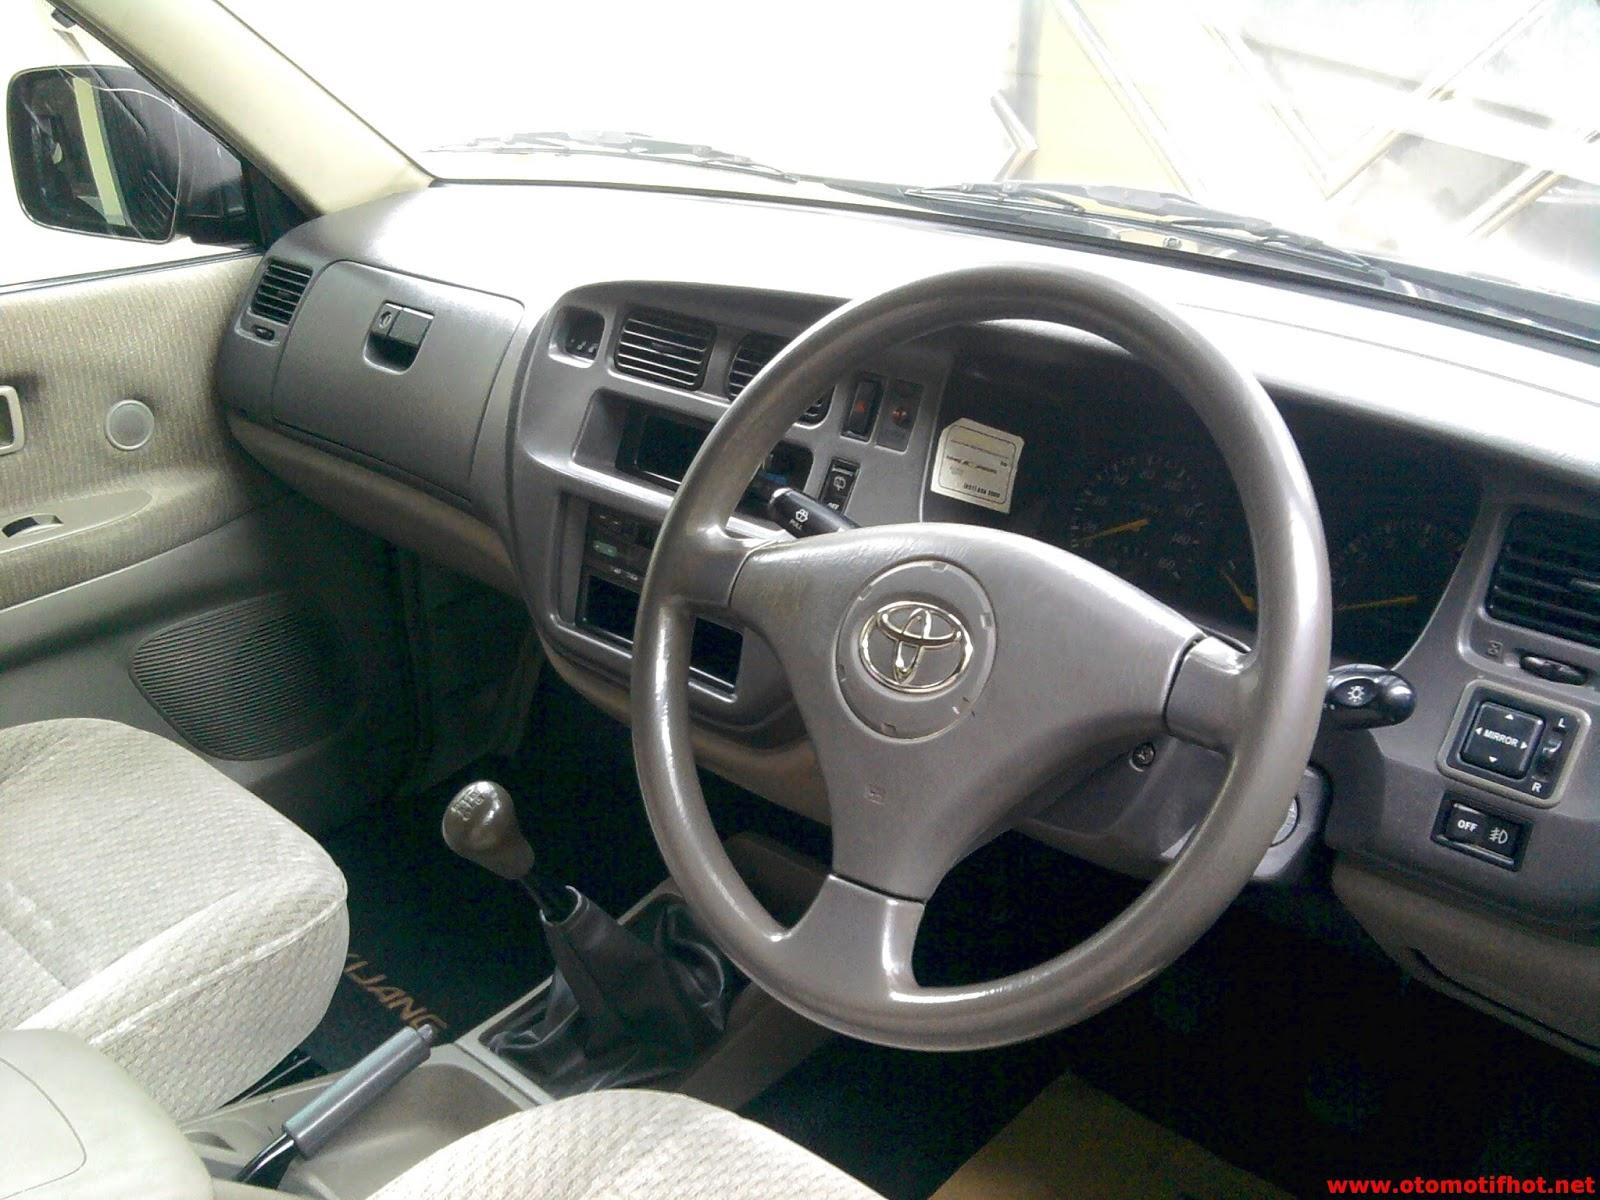 Spesifikasi All New Kijang Innova 2017 Diecast Grand Avanza Modifikasi Interior Mobil Lgx Duniaotto